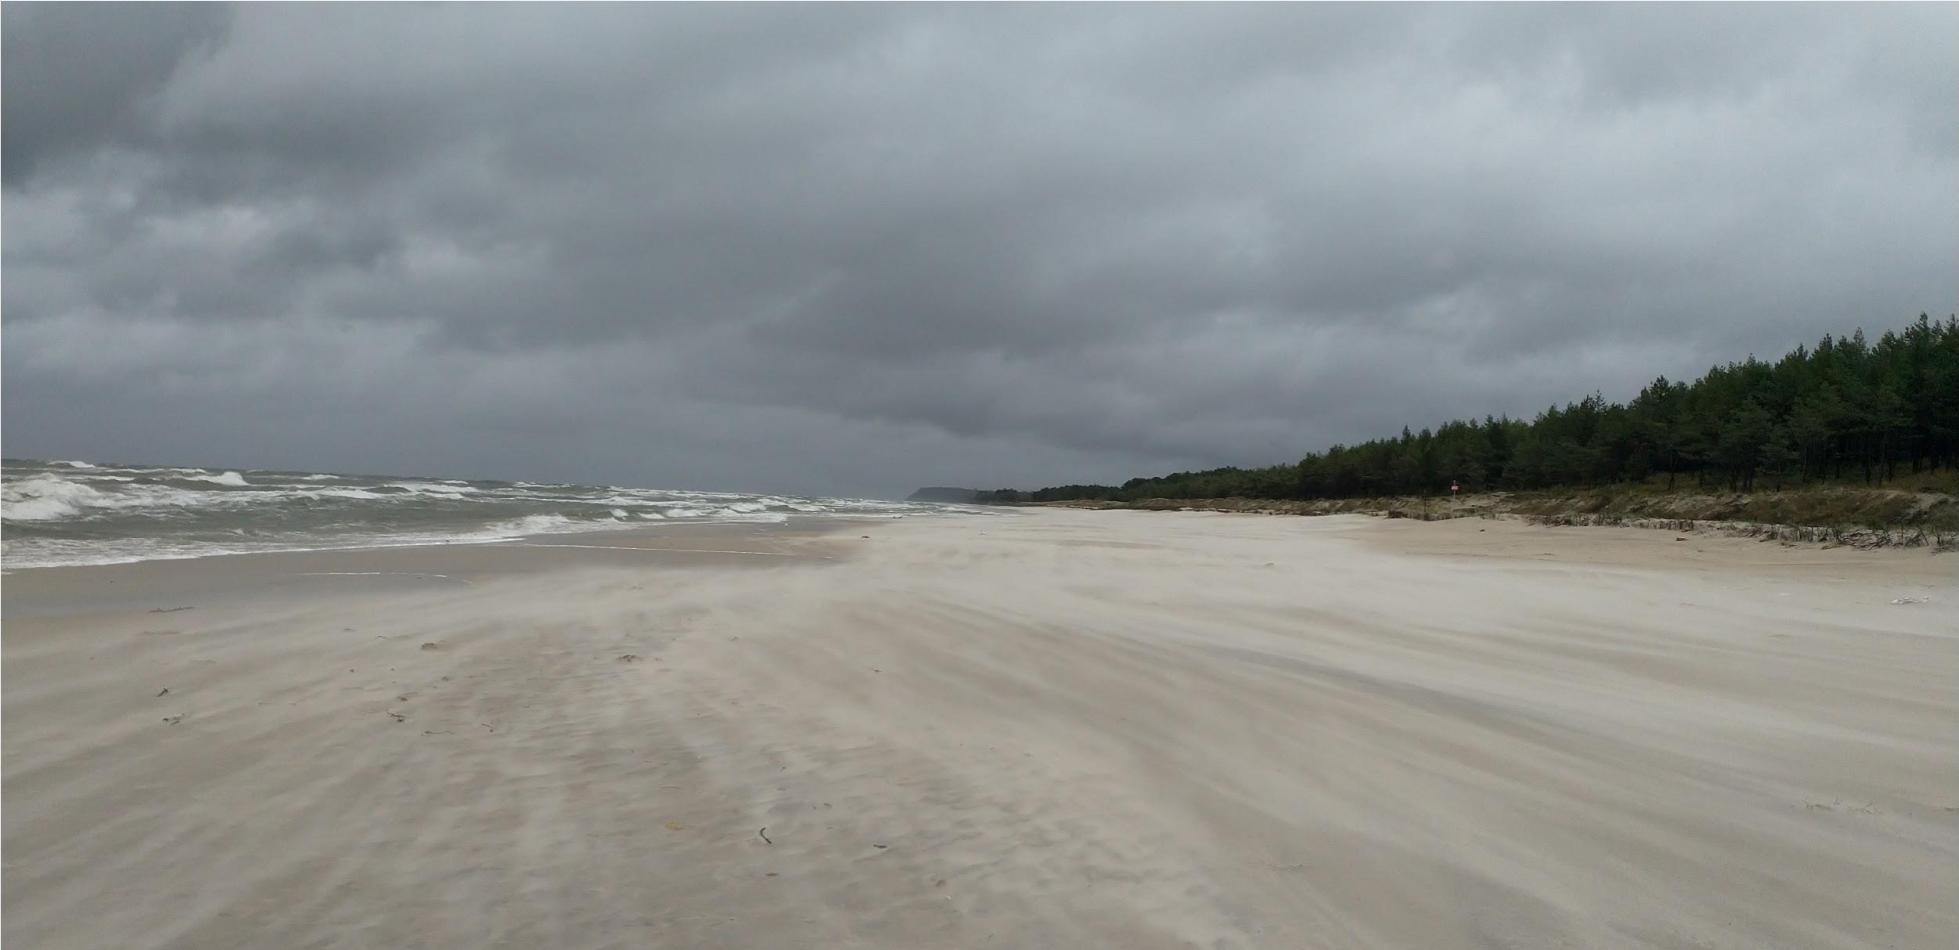 jesienna wichura i sztorm niż Gisela silny wiatr